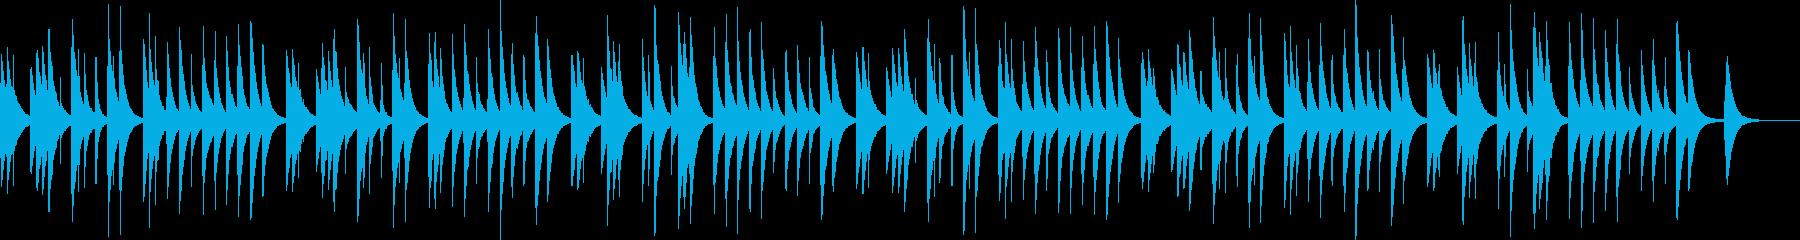 牧人ひつじを【オルゴール】の再生済みの波形